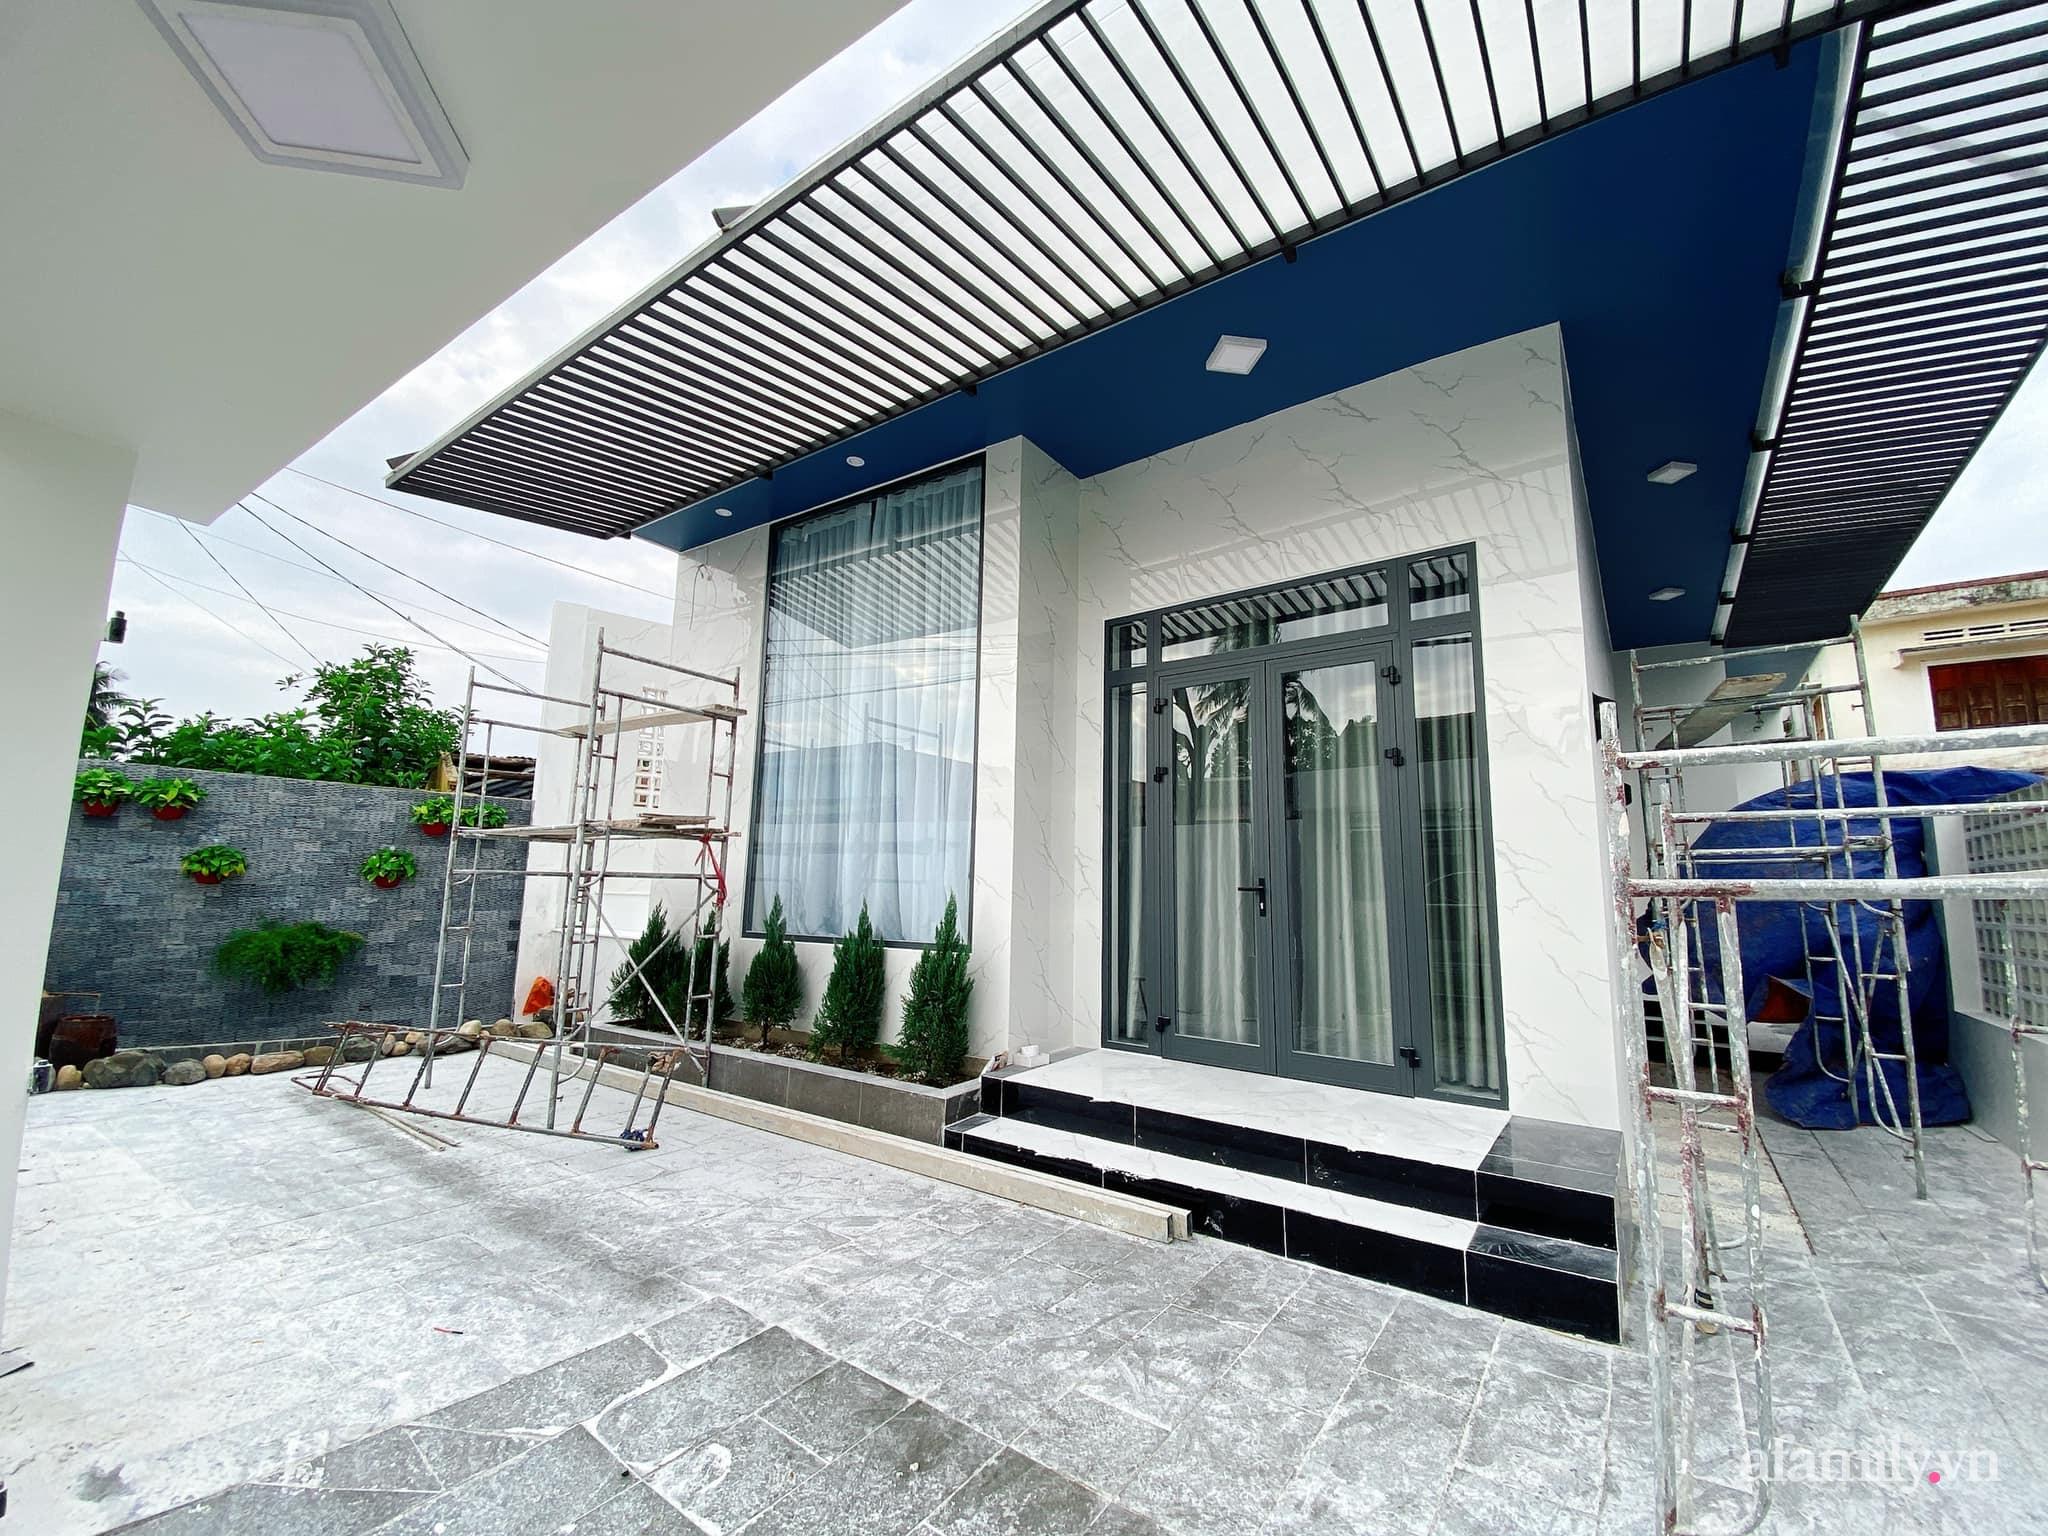 Nhà cấp 4 xây theo mô hình chống bão của cặp vợ chồng trẻ người Quảng Ngãi gây xôn xao vì đẹp như hình tạp chí, chính chủ tiết lộ chi phí gần 1,2 tỷ đồng - Ảnh 4.